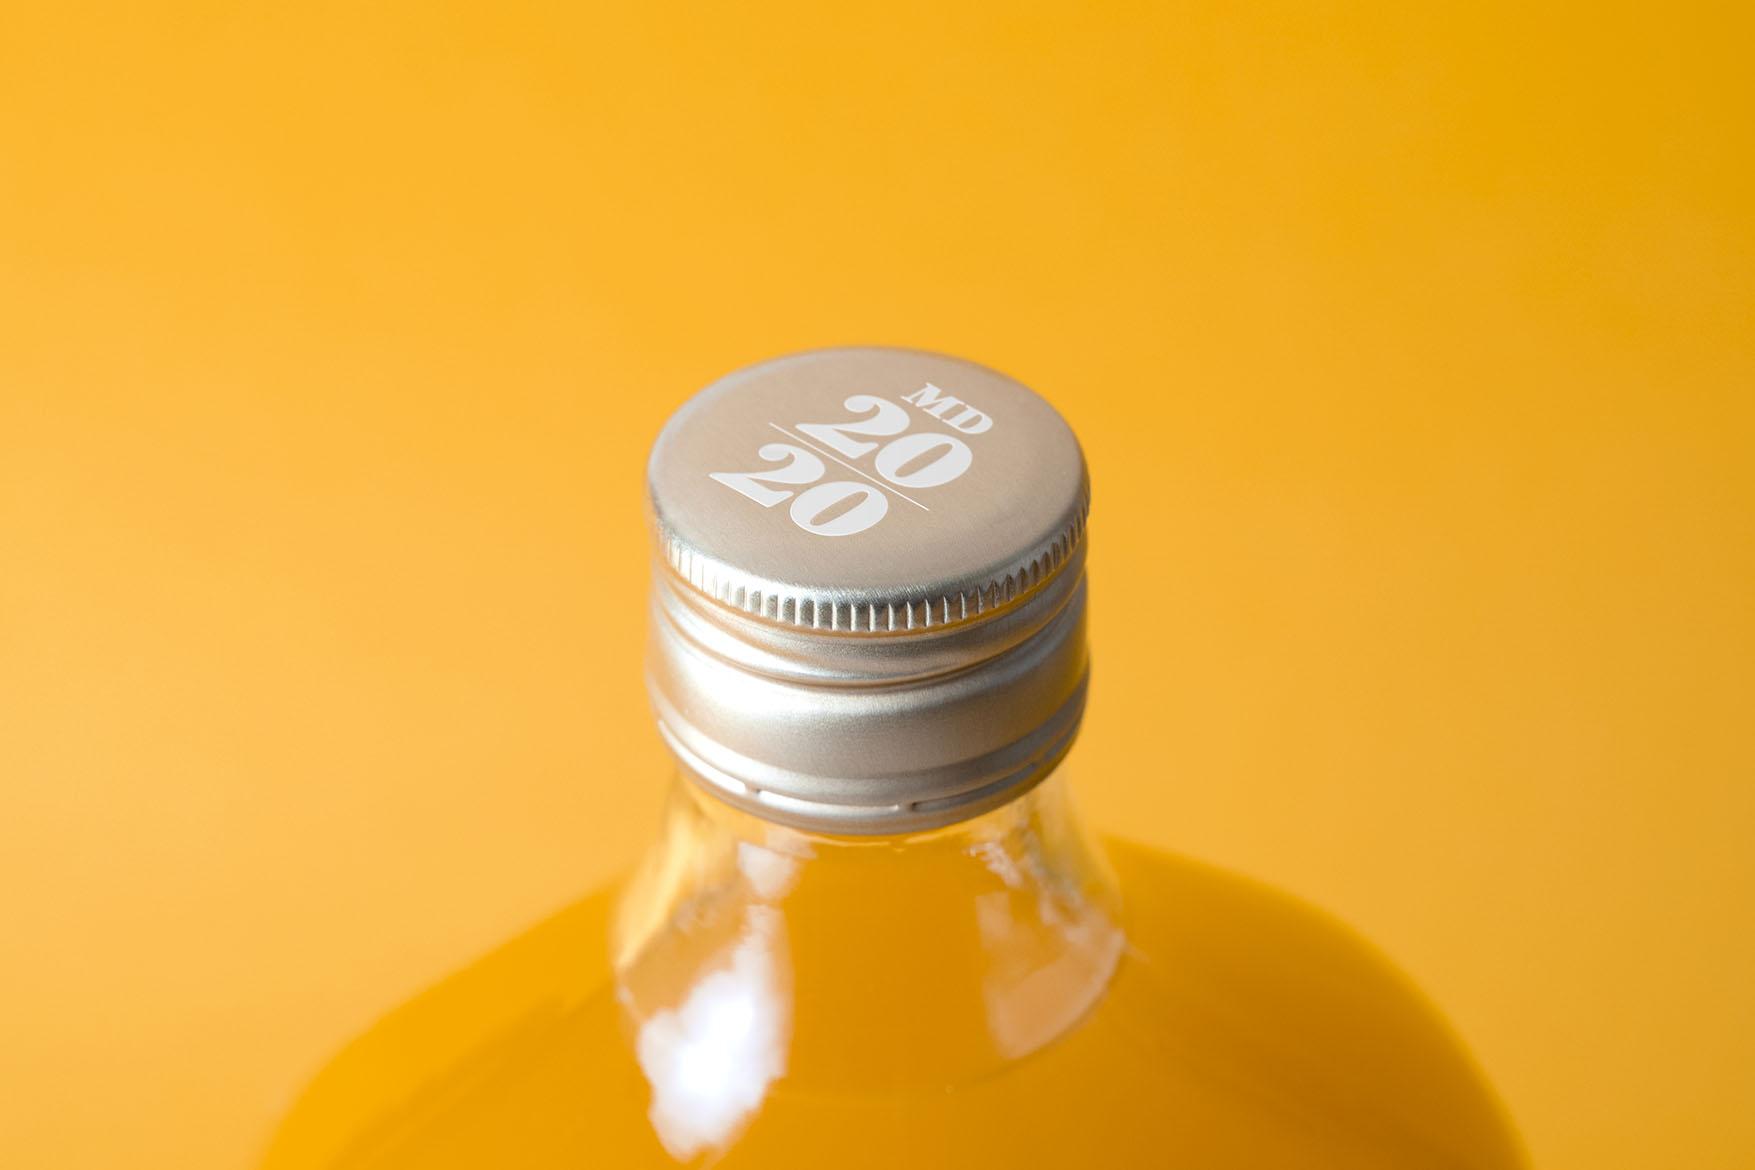 md2020_bottle_cap